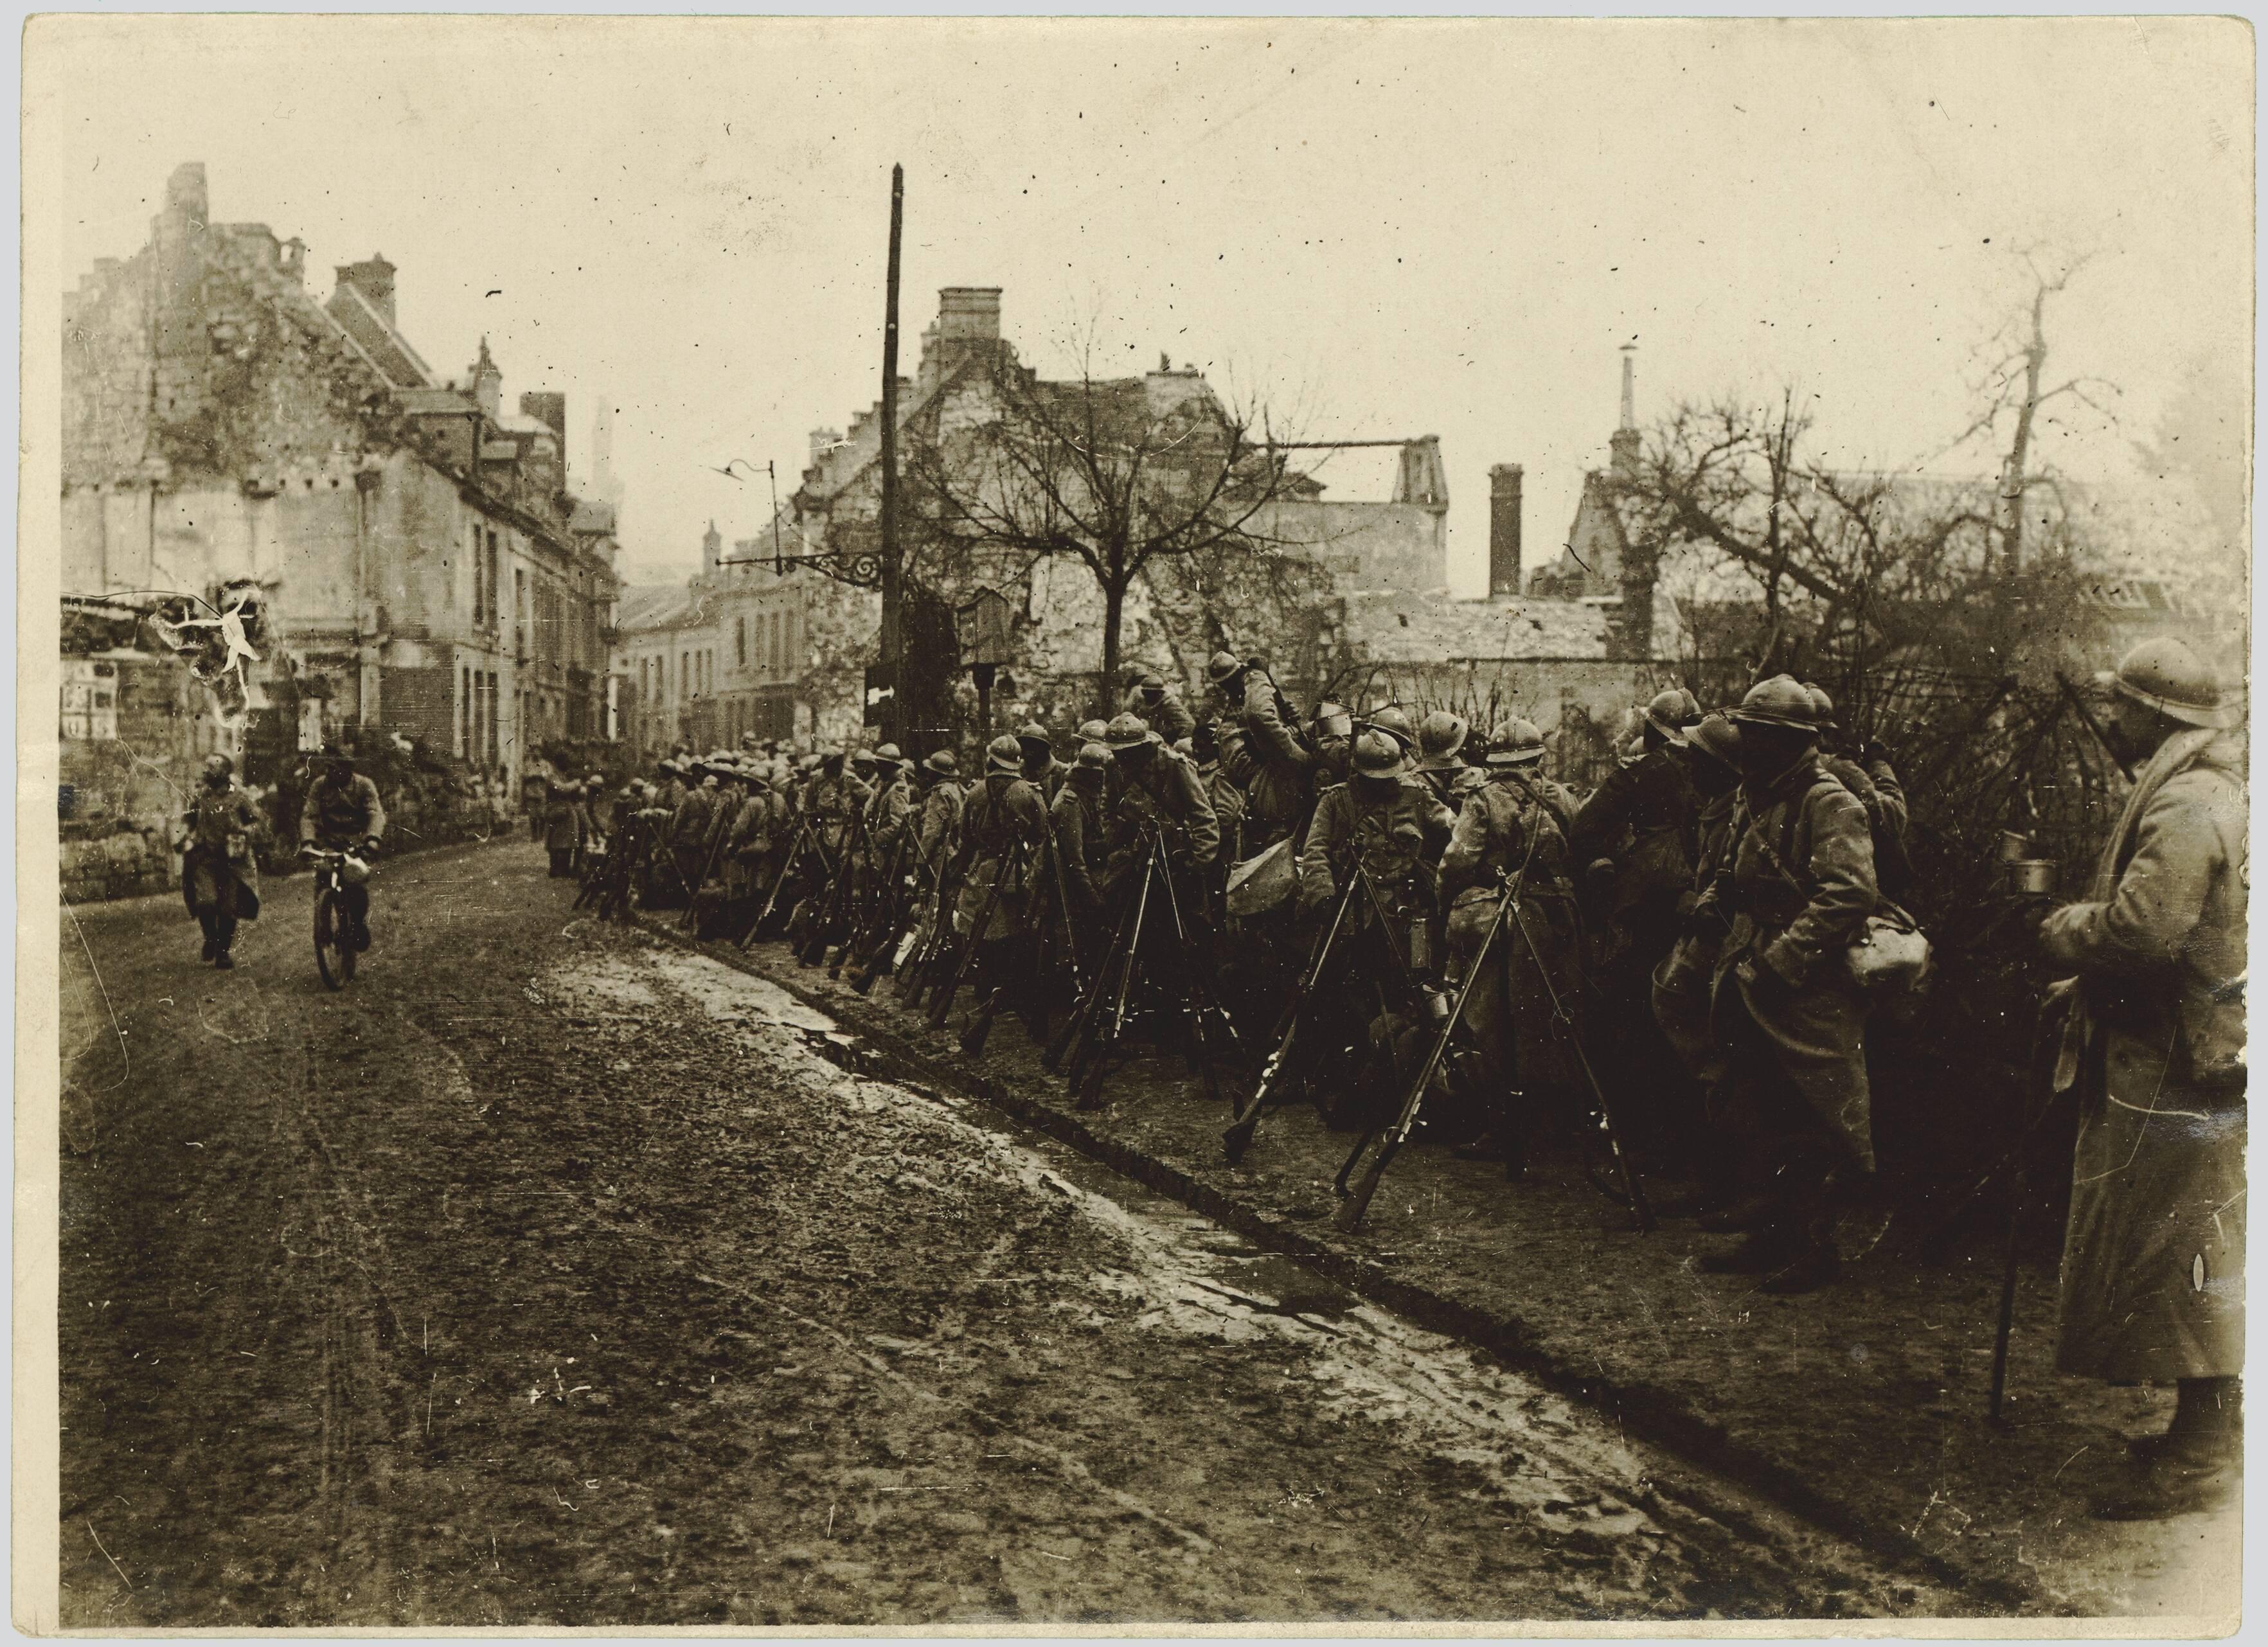 AISNE. AUX ENVIRONS DE COURTECON. LA FERME DES GRELINES. SOLDATS FAISANT LA PAUSE. 13 NOVEMBRE 1917